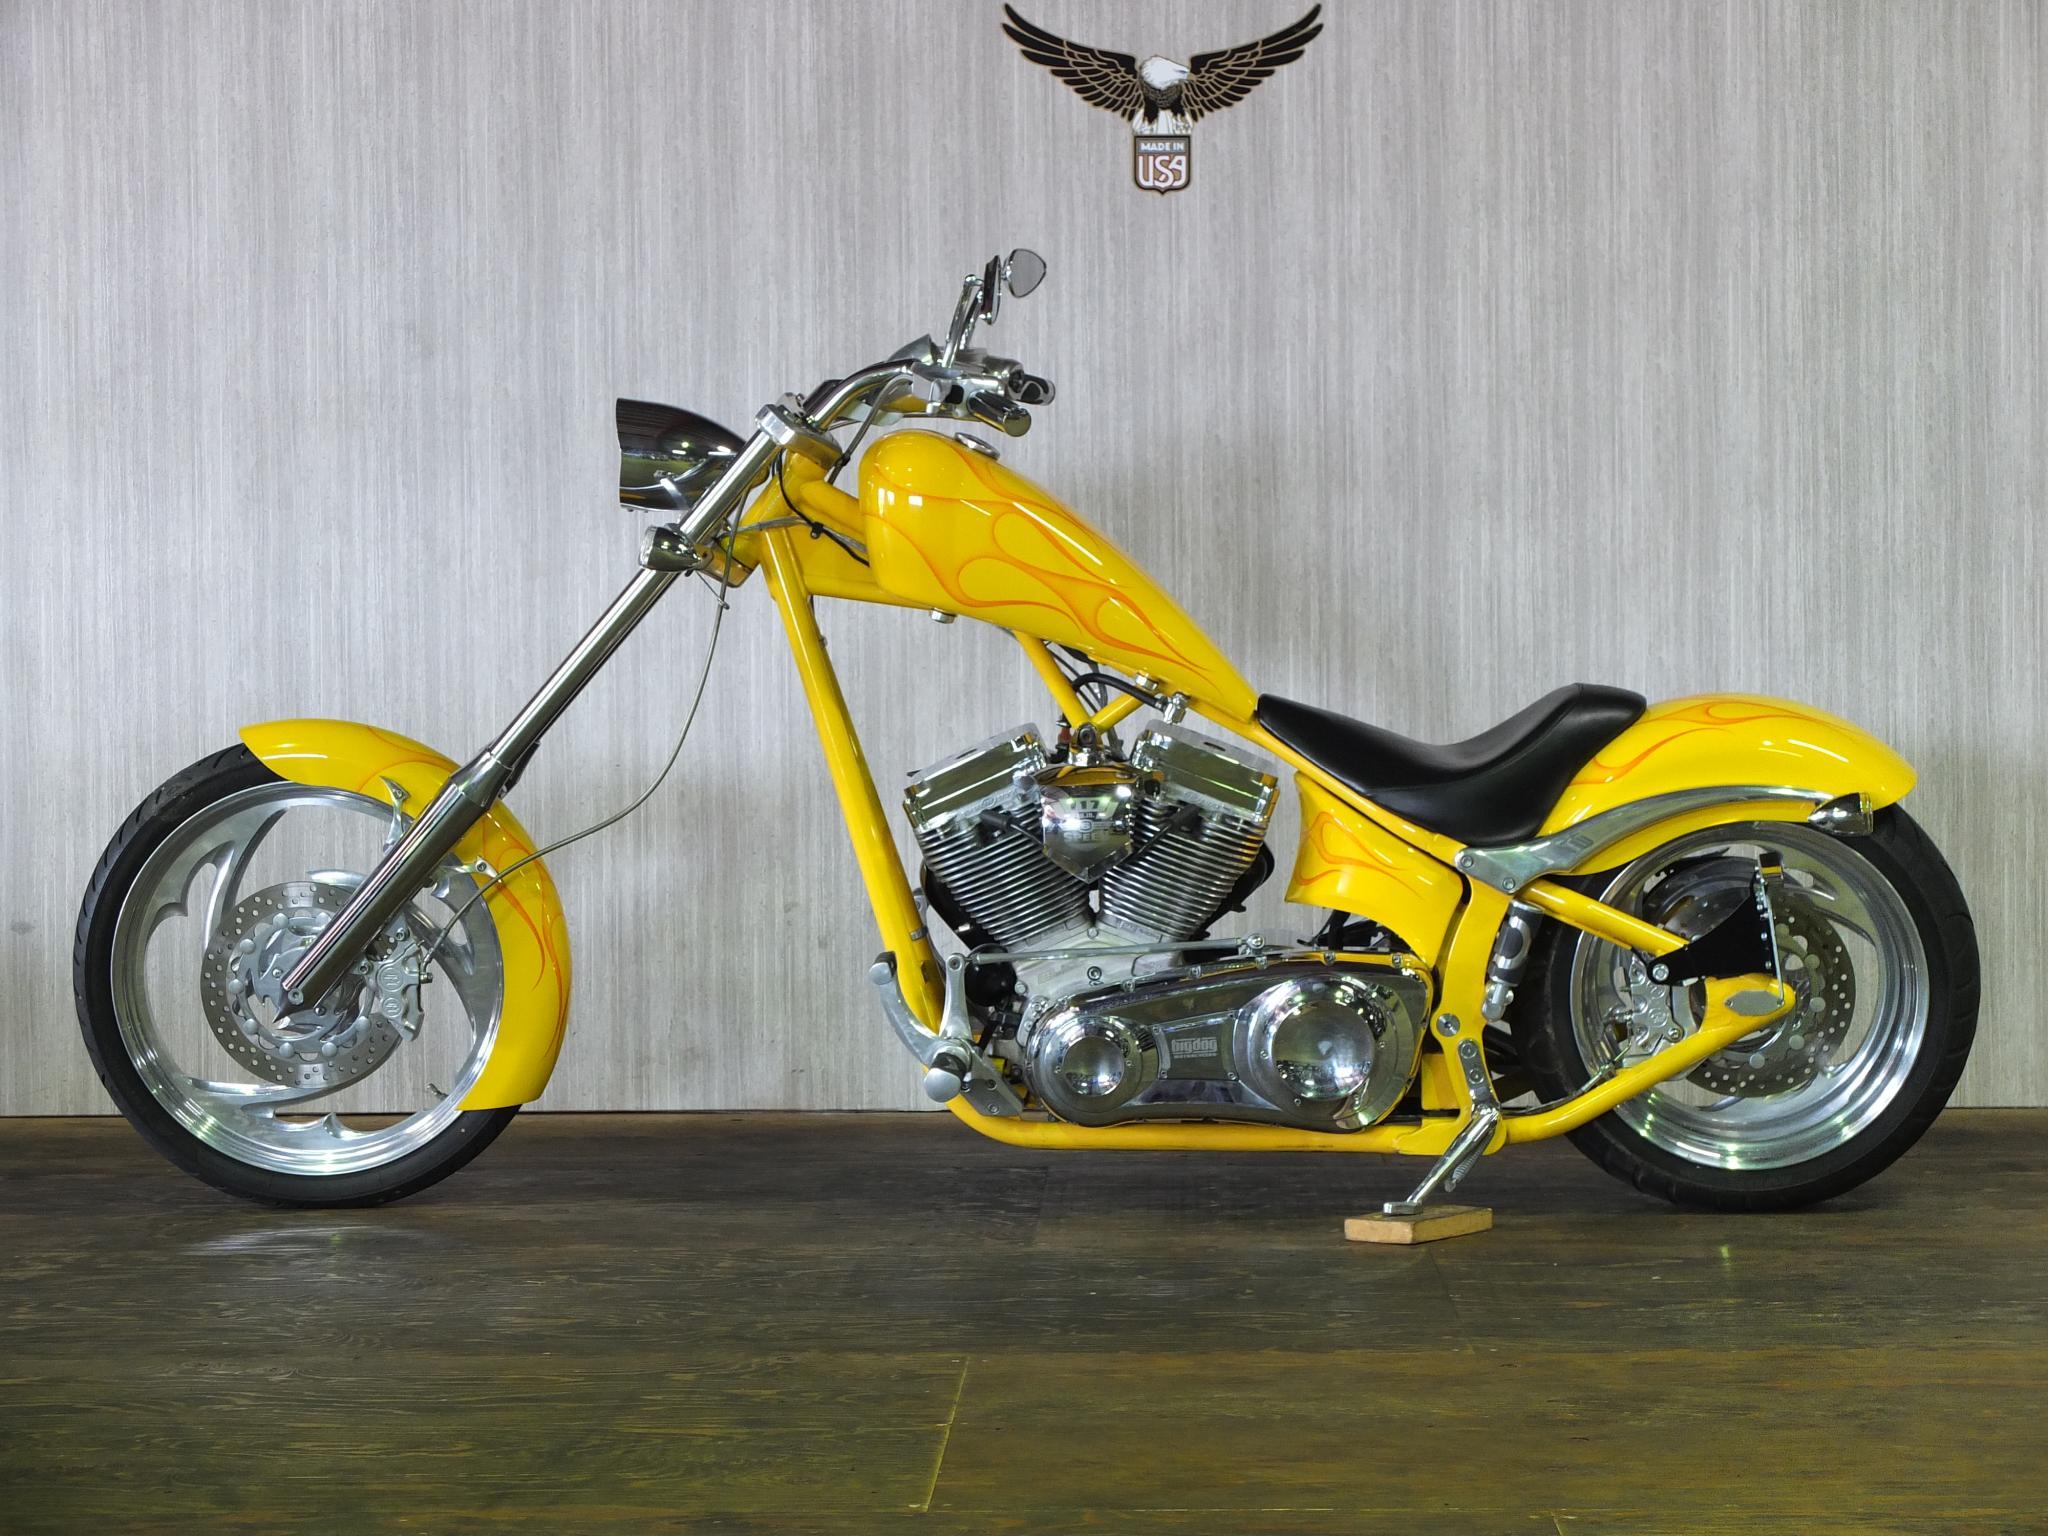 ハーレーダビッドソン 2005 Big Dog Chopper 車体写真4